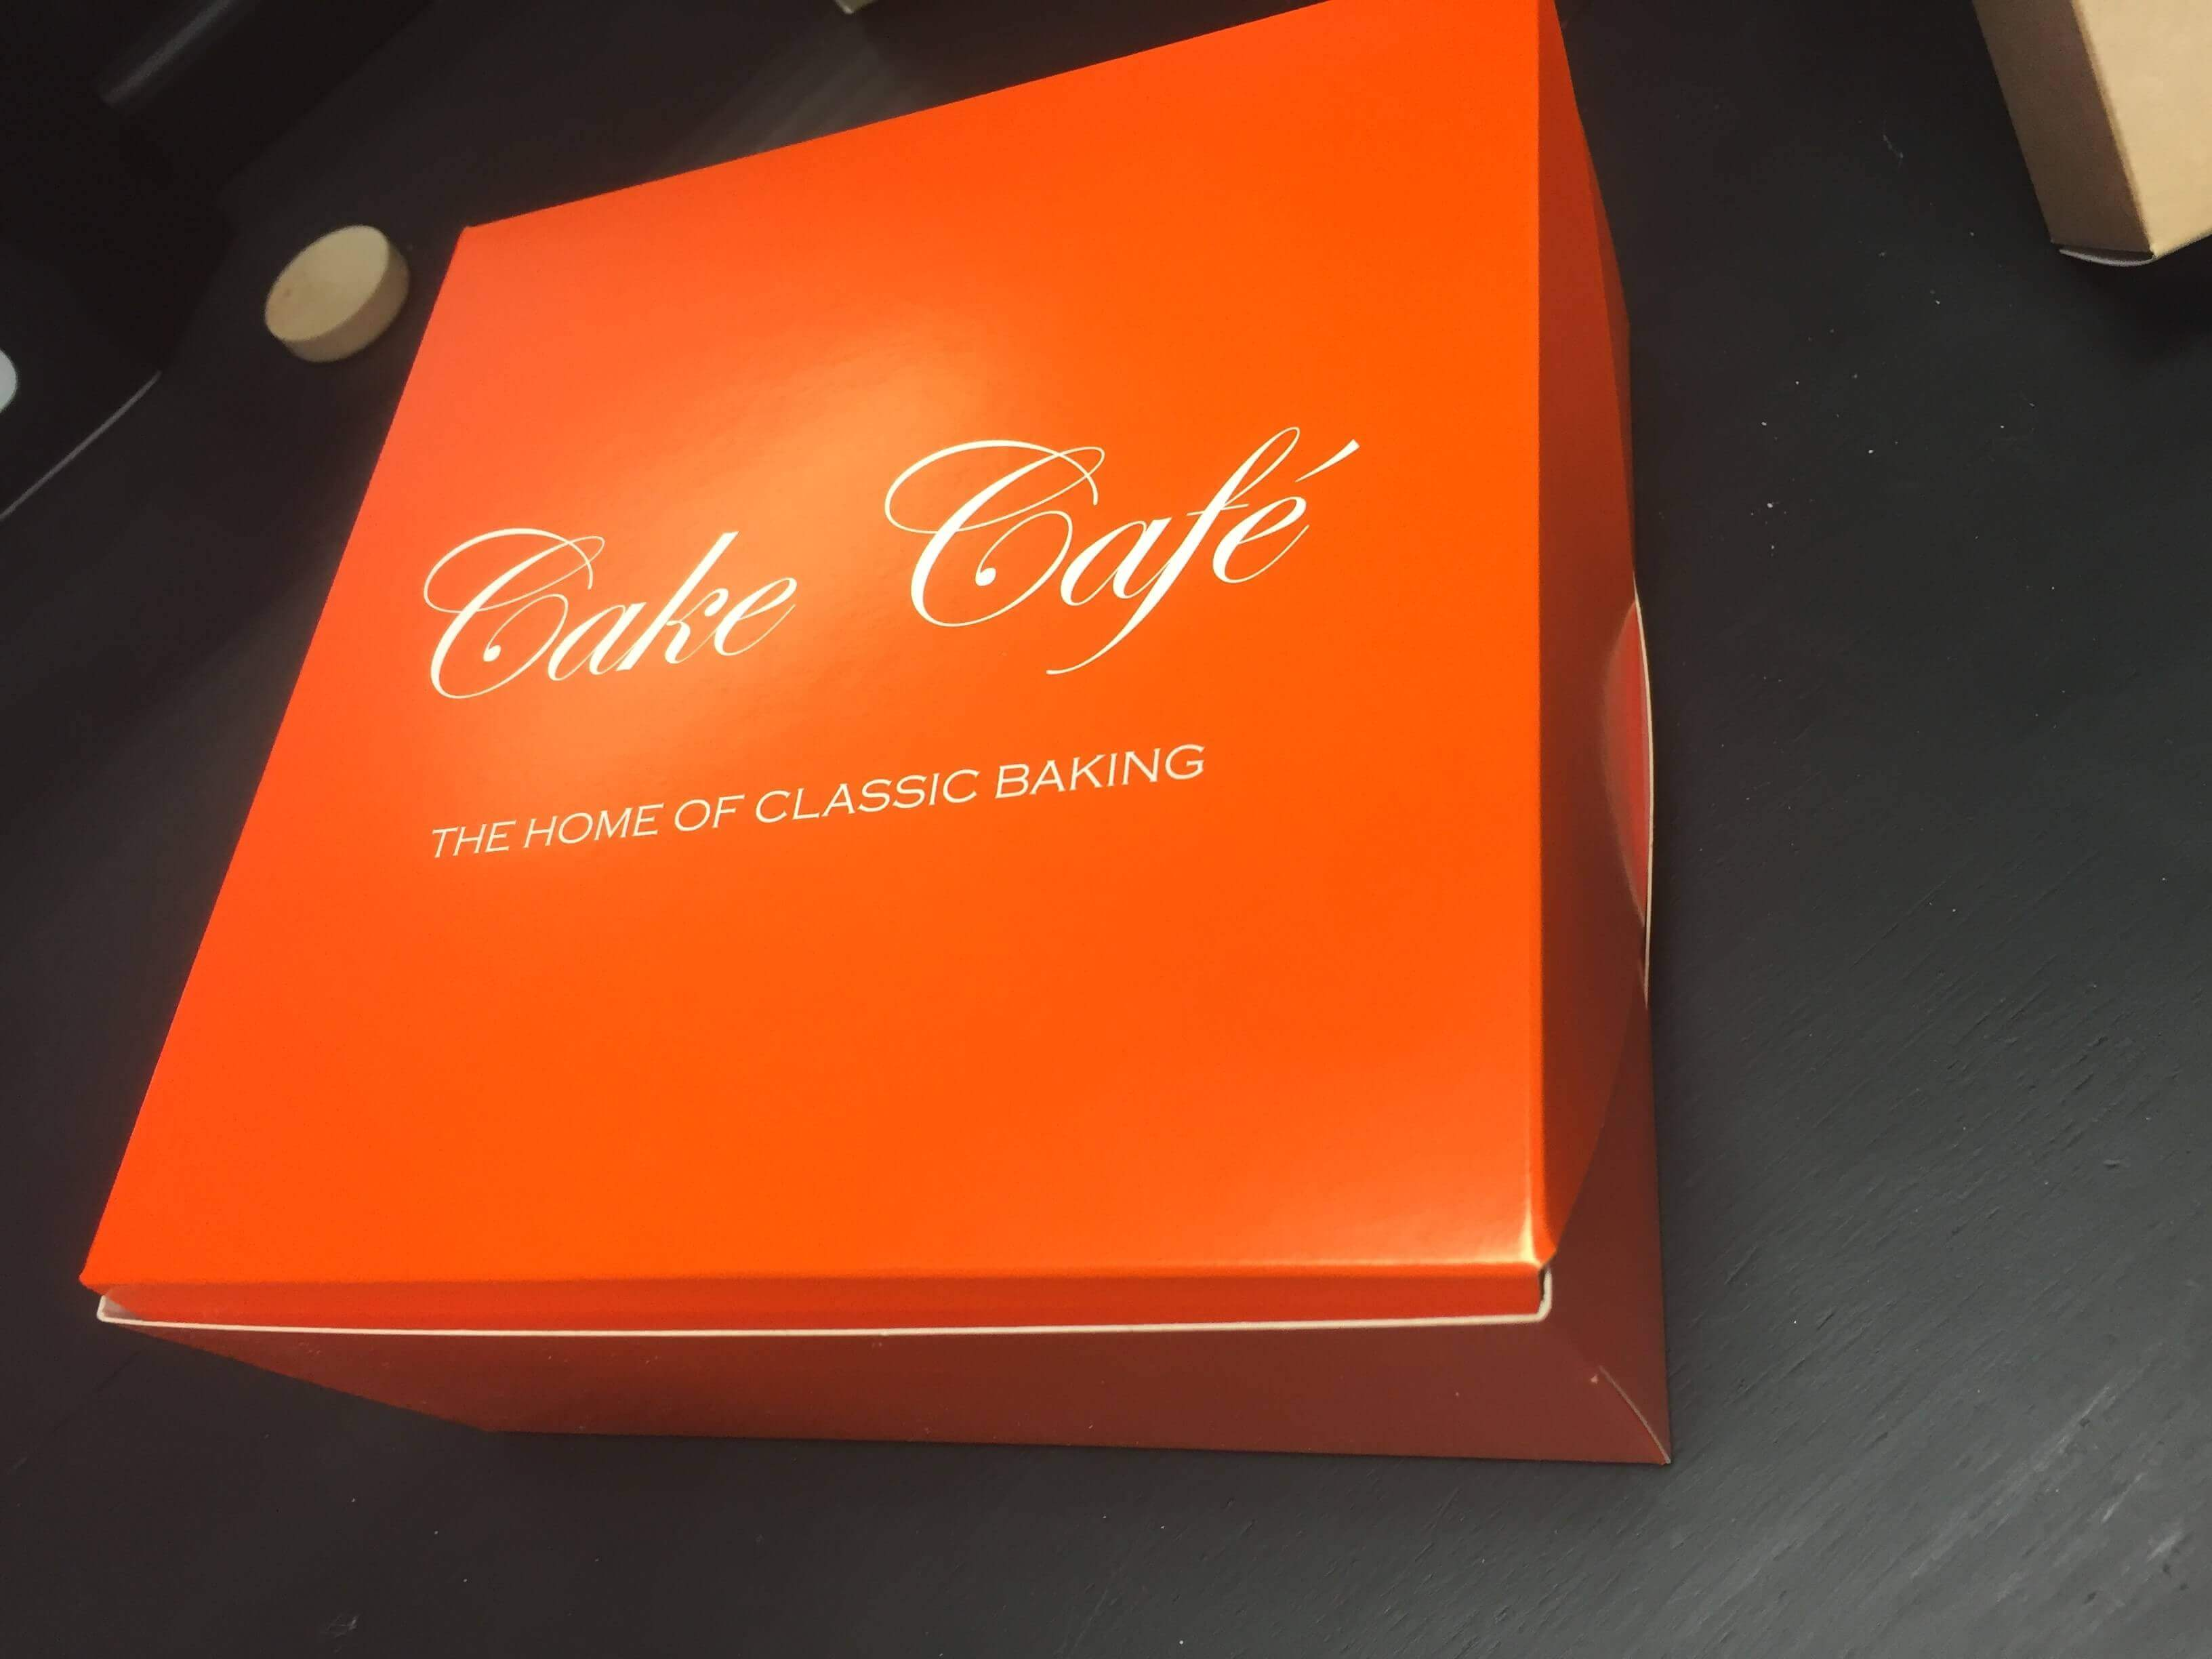 Branded Cake Box